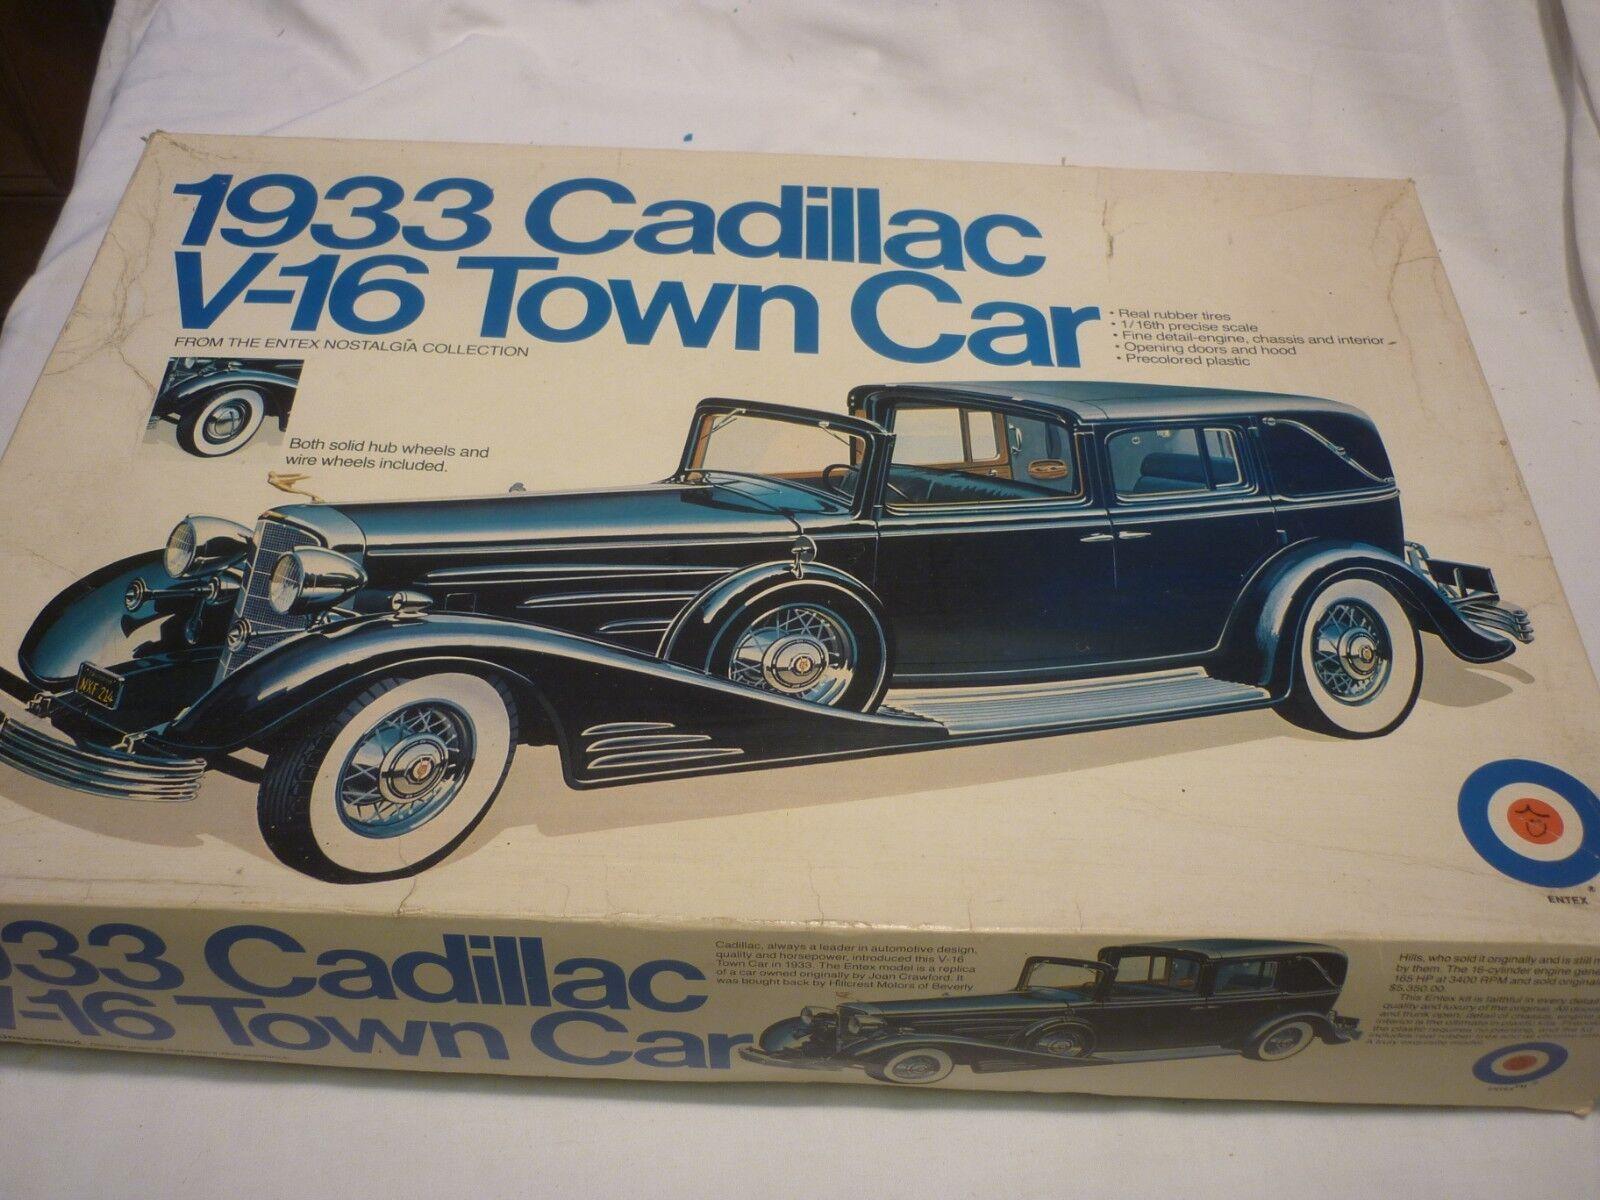 A Bandai un made plastic kit of a 1933 Cadillac V16 Town car, boxed